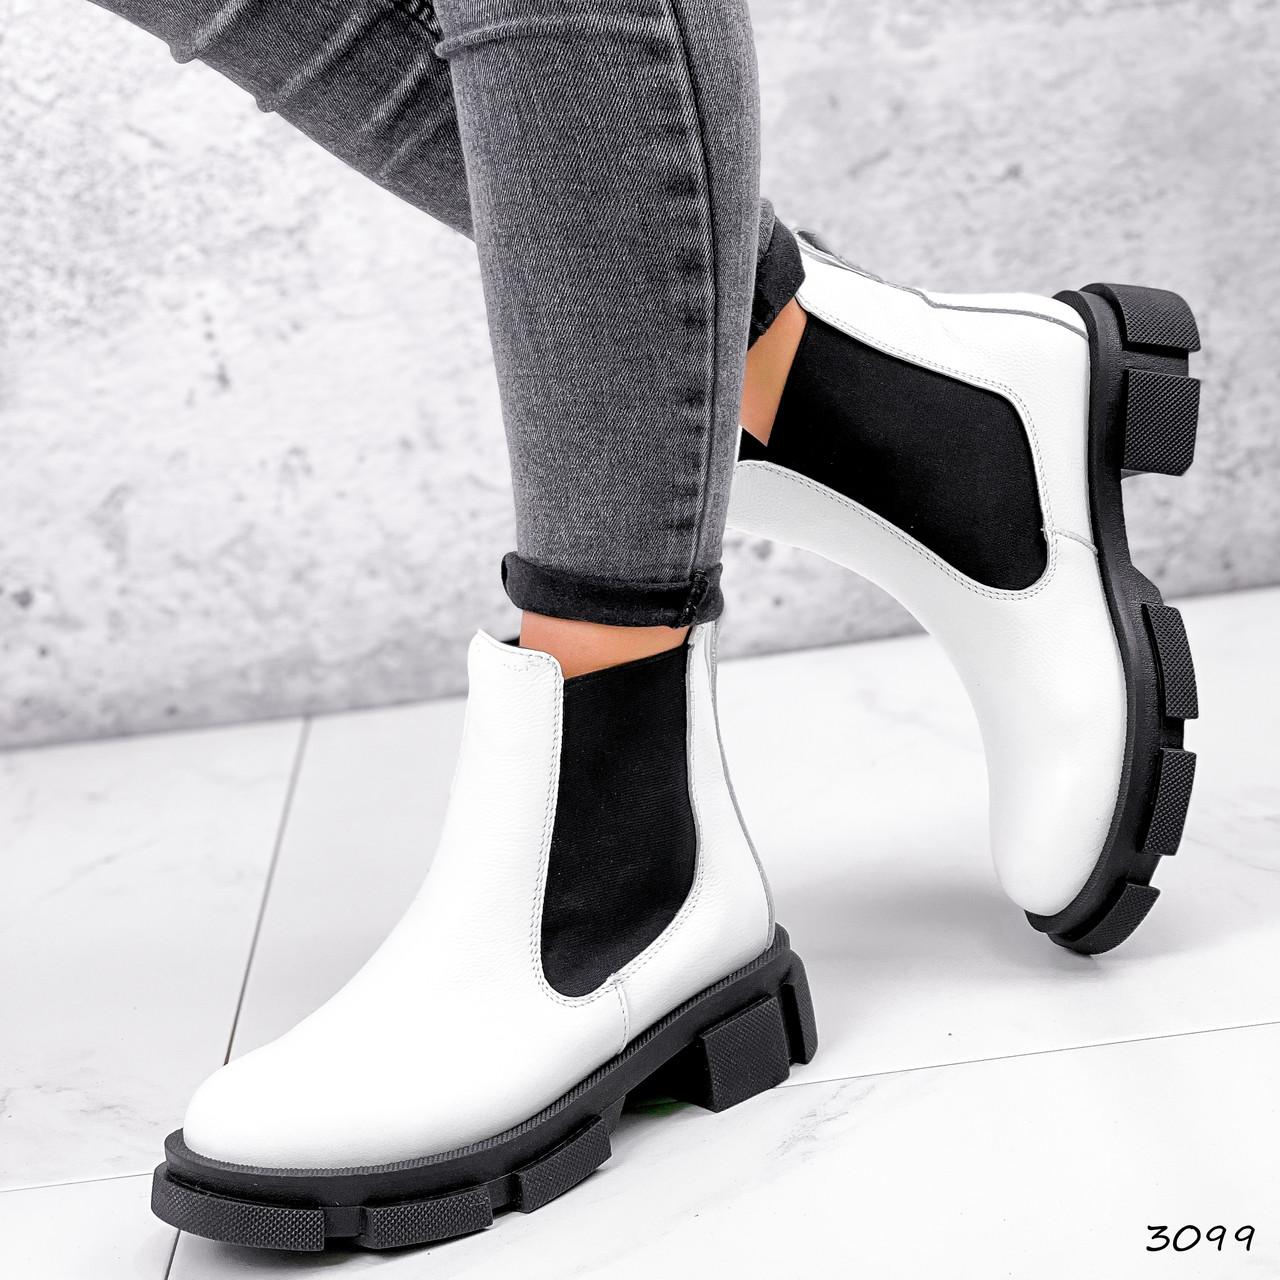 Ботинки женские Slow белые + черный 3099